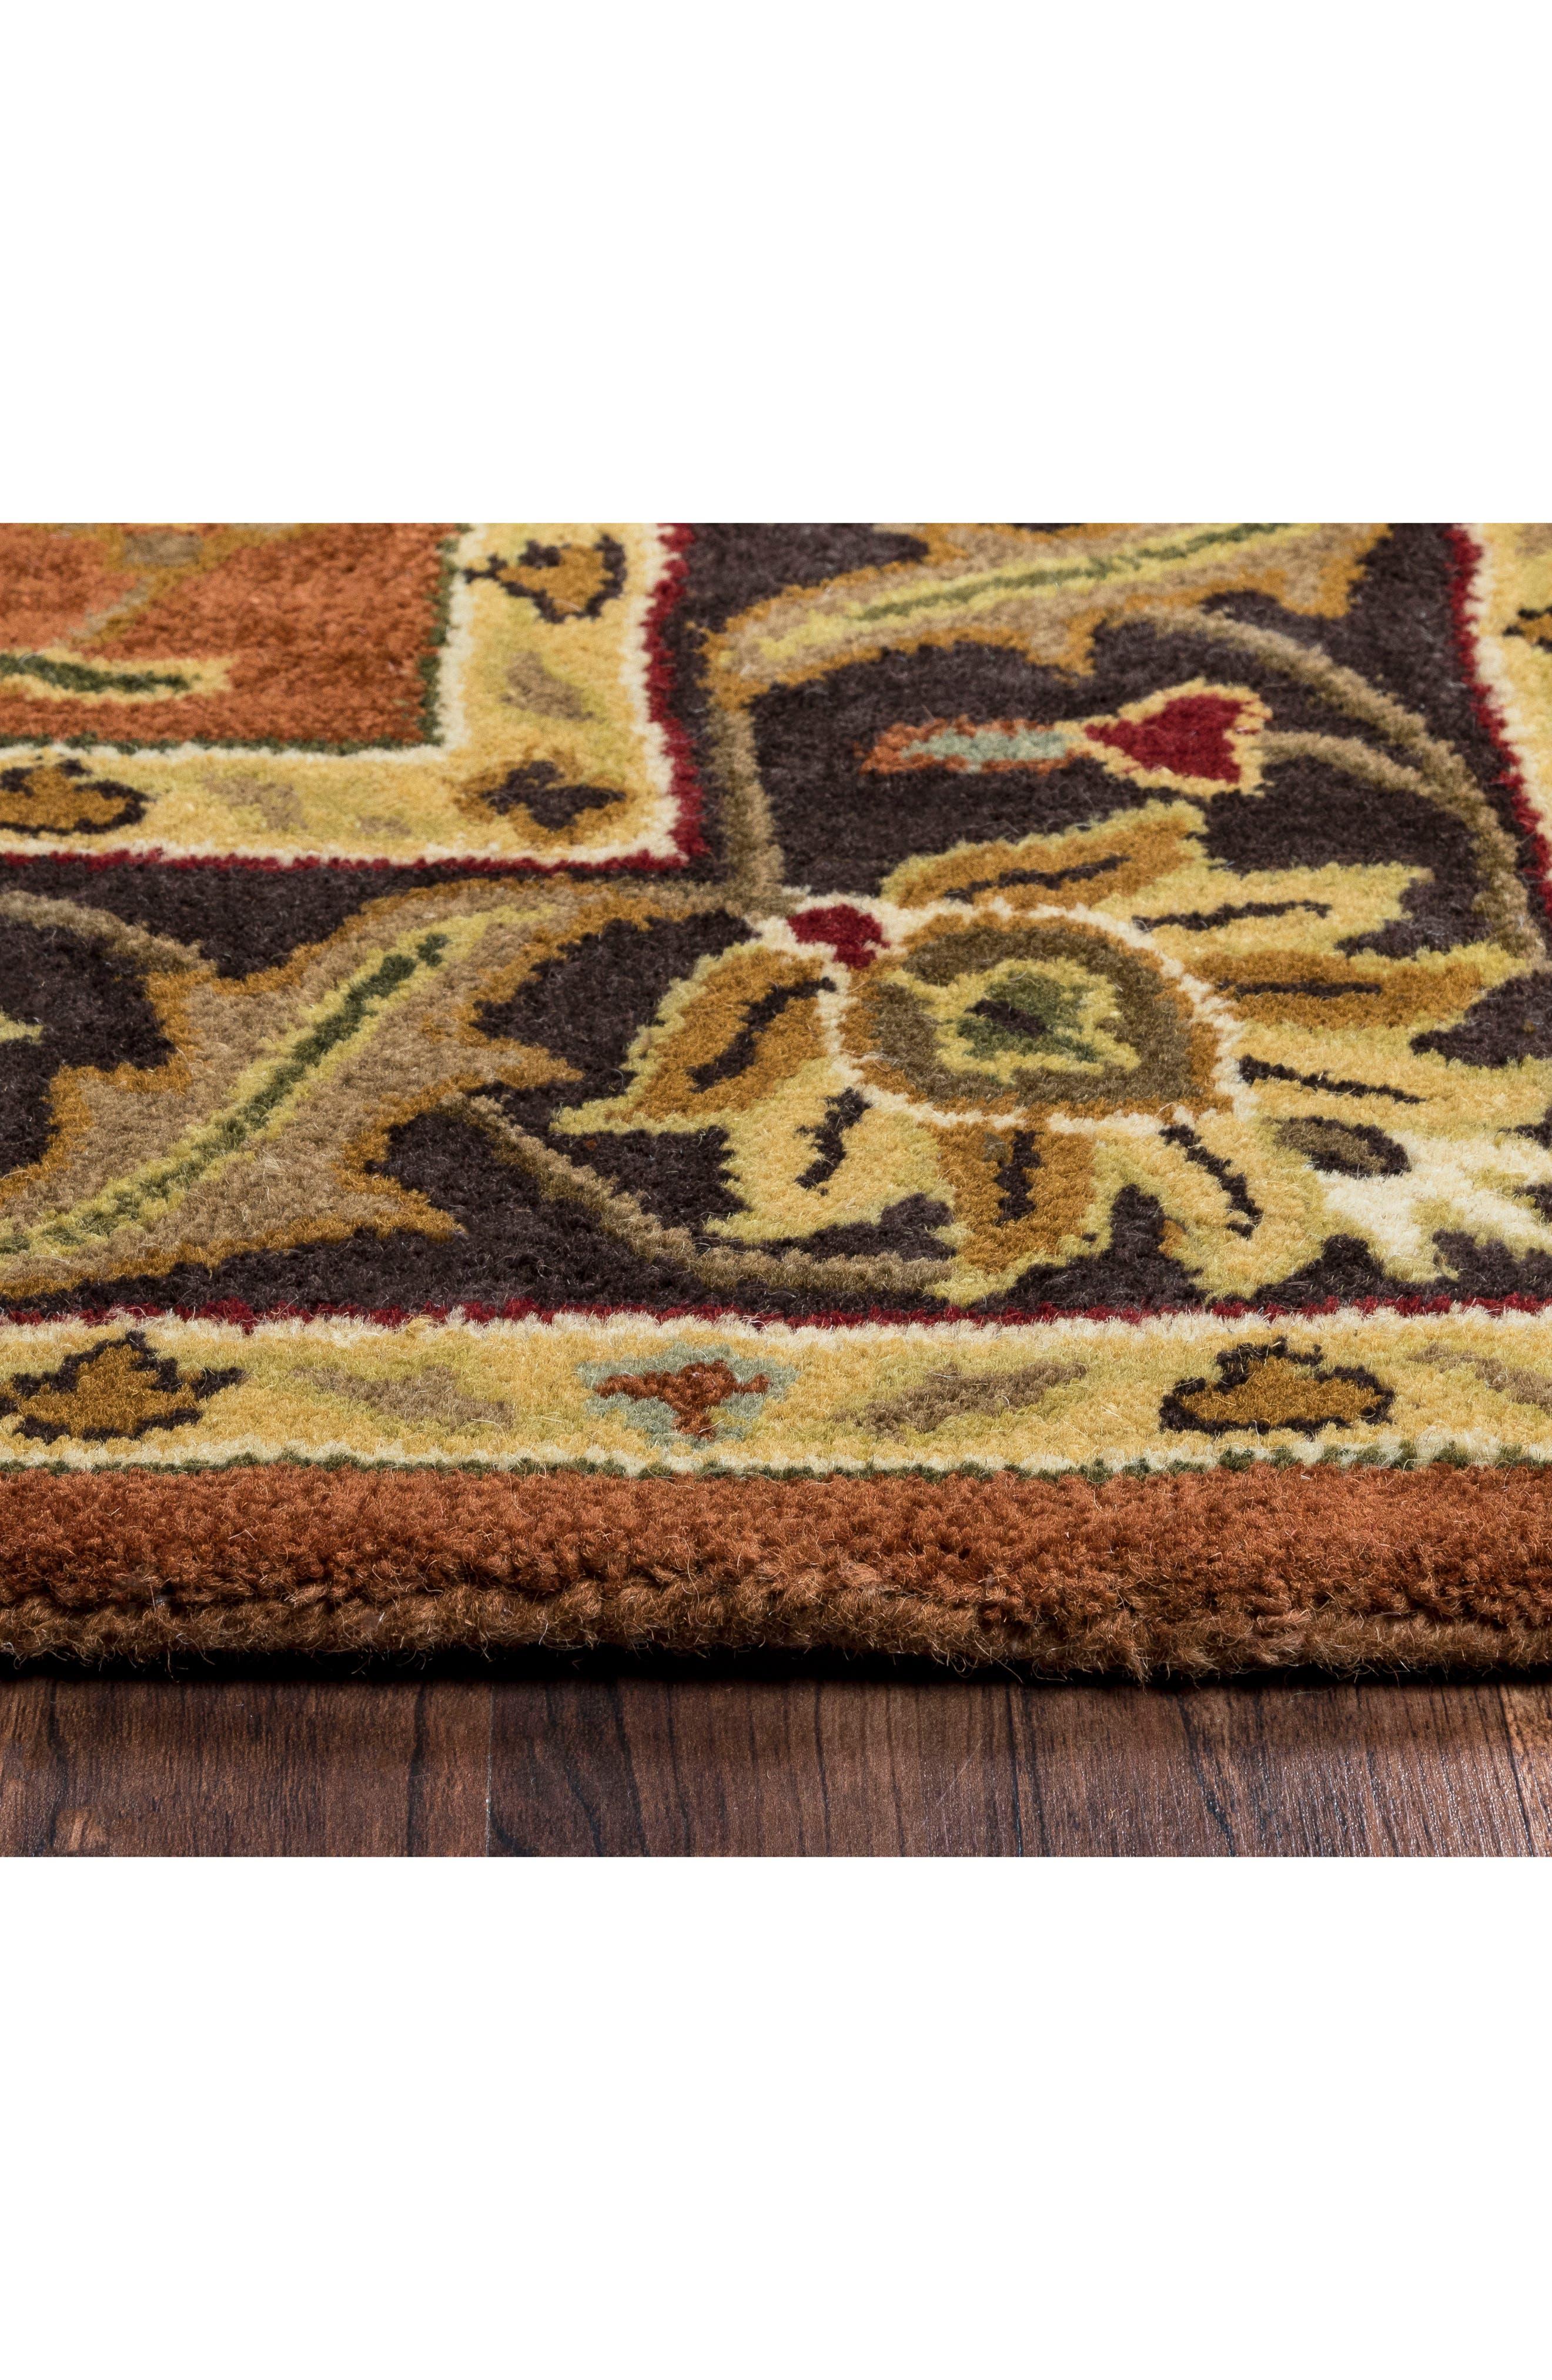 Amalia Hand Tufted Wool Area Rug,                             Alternate thumbnail 2, color,                             Rust/ Multi